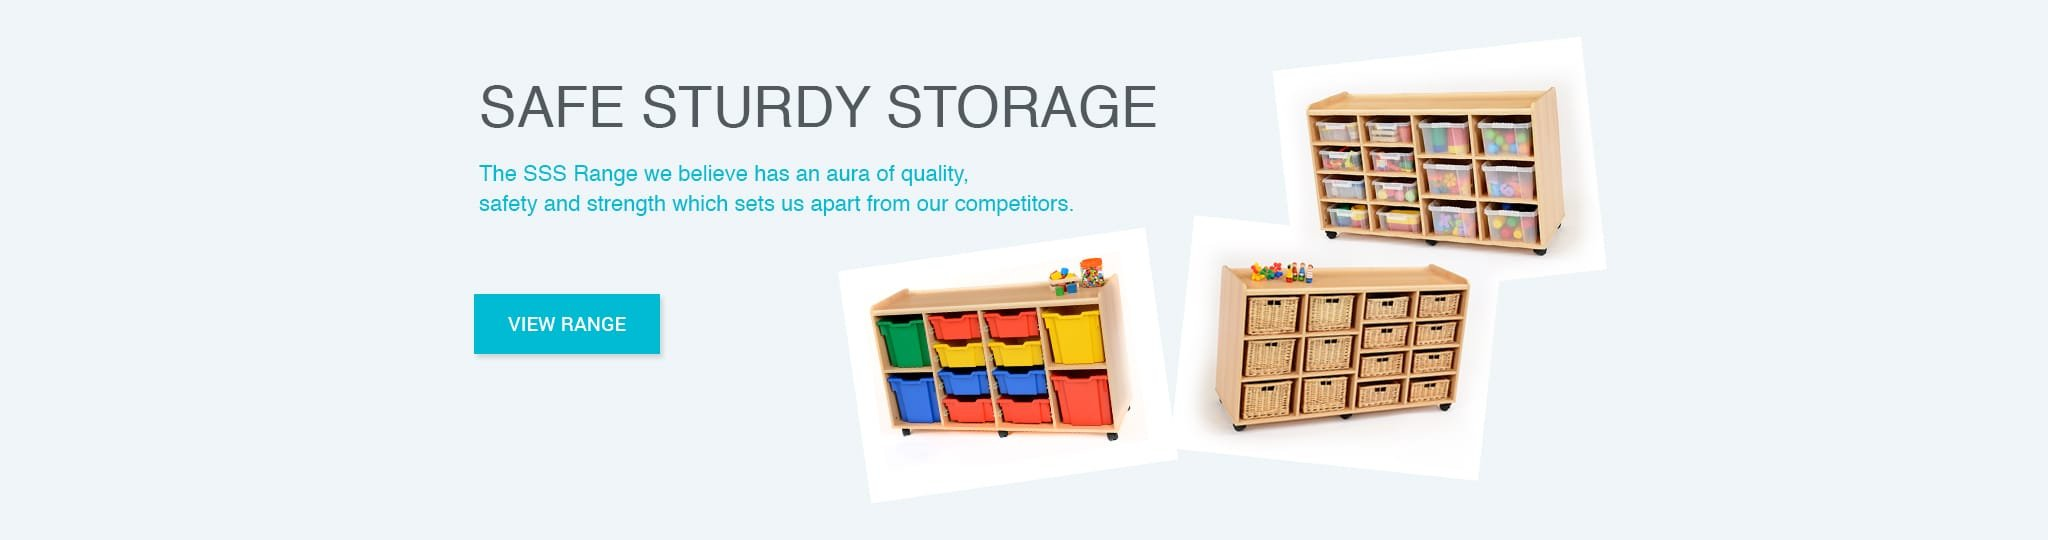 Safe Study Storage